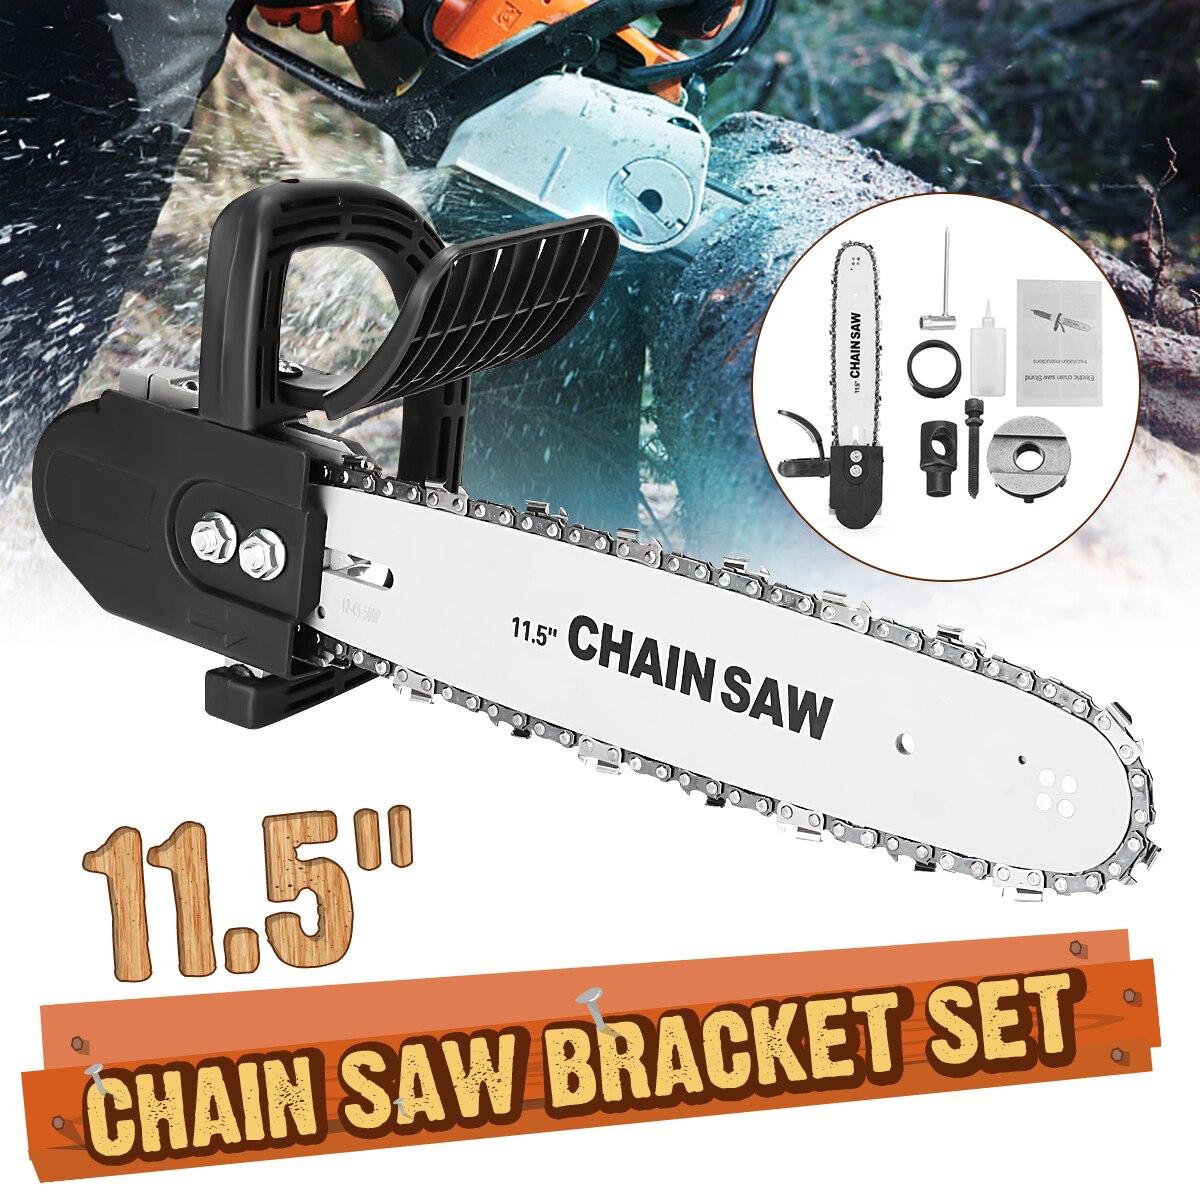 Drillpro 11,5 pulgadas motosierra soporte de acero de alto carbono para M10 amoladora de ángulo a sierra de cadena de la madera herramientas